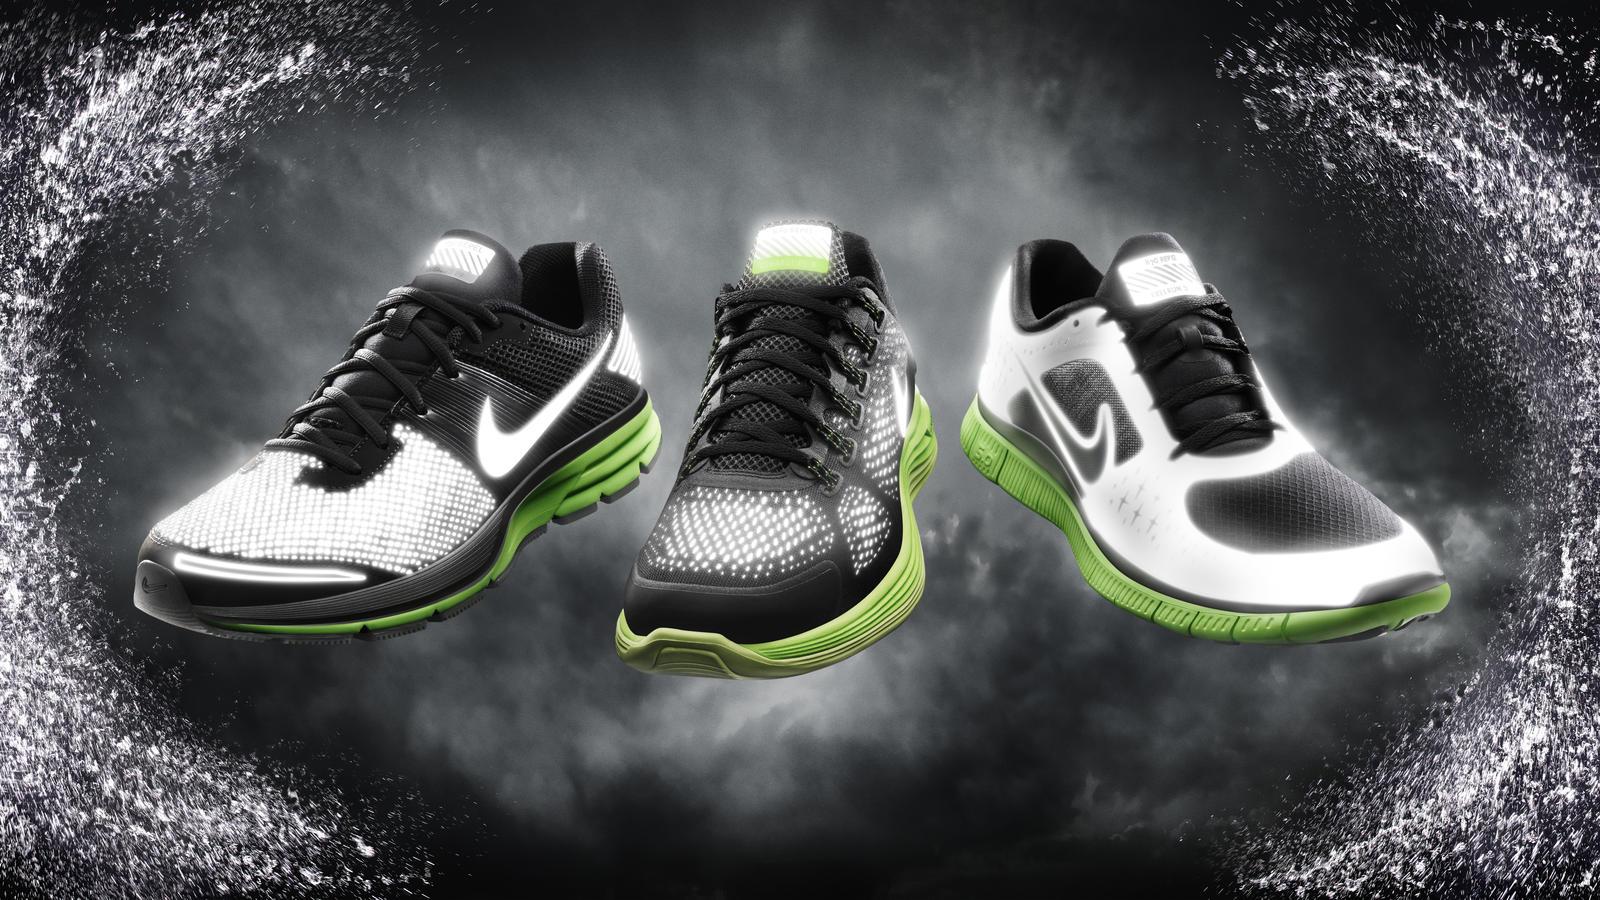 349d99566525 Nike Running Shield Pack ho12 MENs. Nike Running Shield Pack ho12 WMNs.  Ho12 BTS Hypershield RN LG Plus Shield W.  Ho12 BTS Hypershield RN Peg Plus Shield M